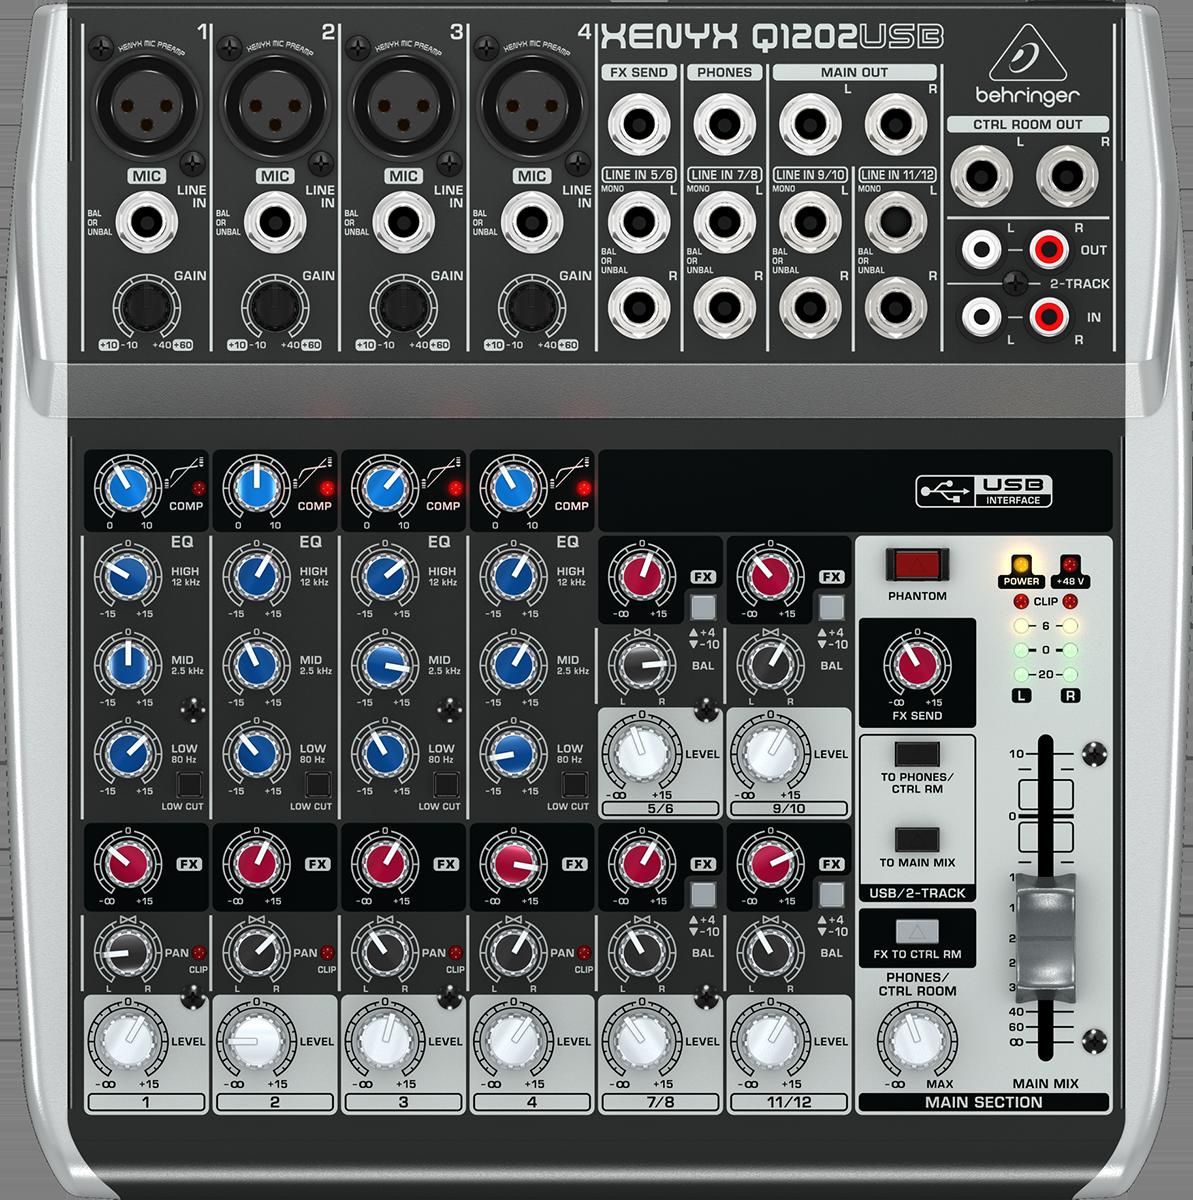 Billede af Behringer XenyxQ1202USB mixer